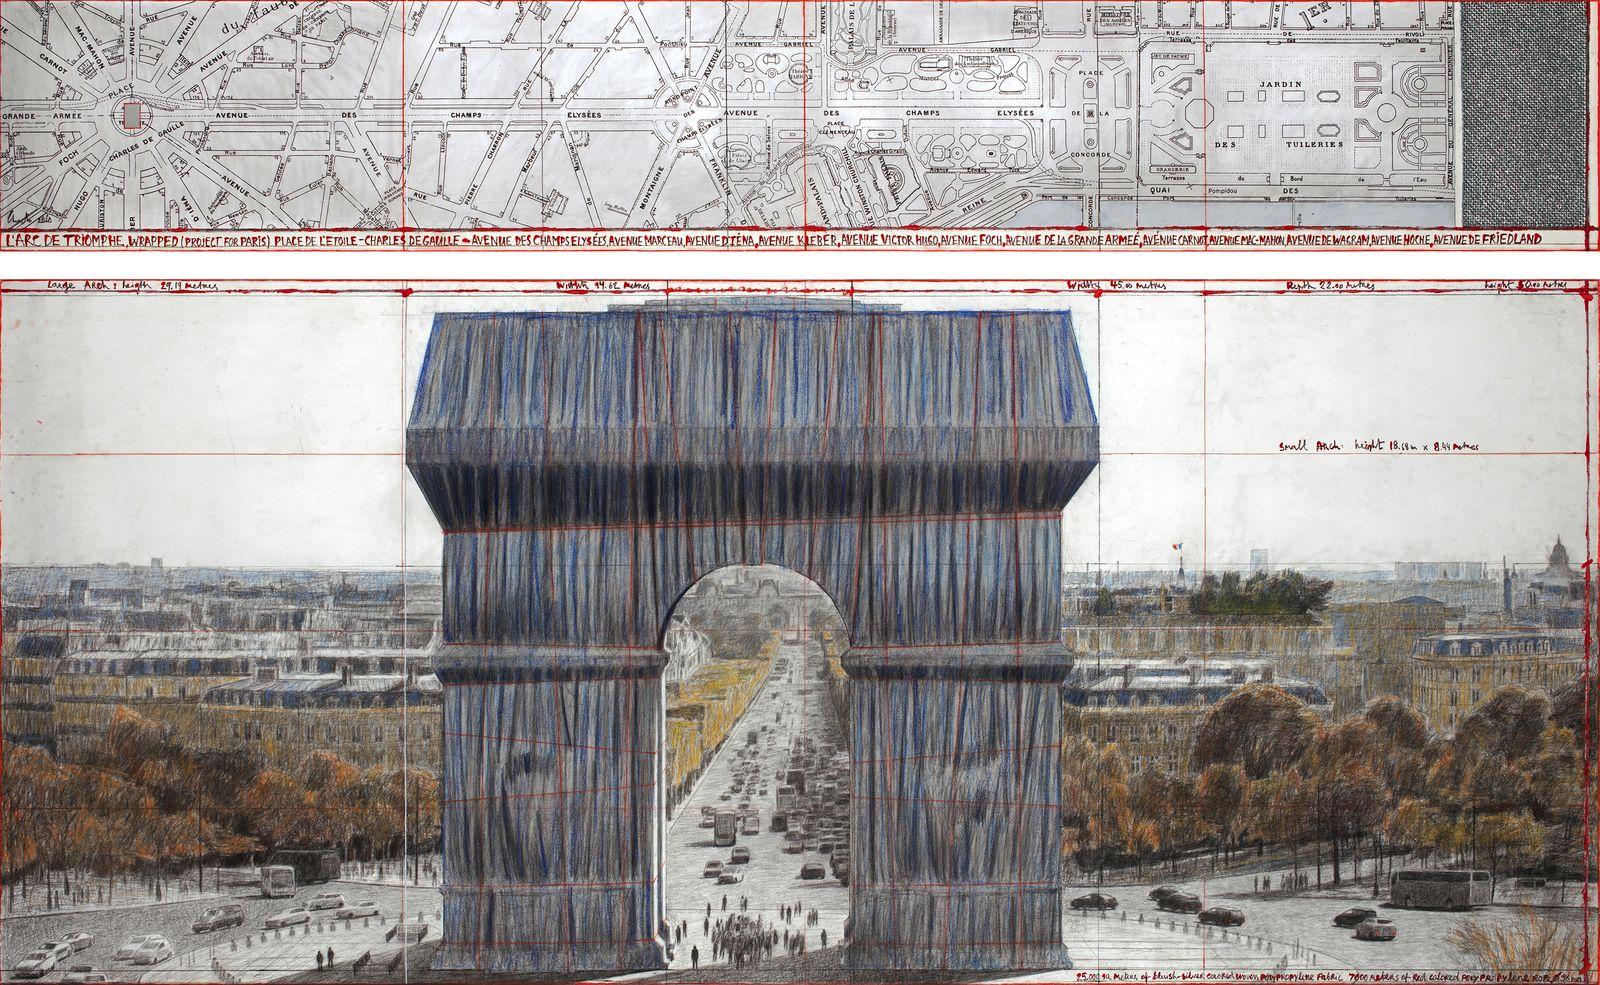 L'Arc de Triomphe, Wrapped _ Exhibition at Centre Pompidou - L'Arc de Triomphe, Wrapped (Project for Paris) Place de l'Etoile – Charles de Gaulle (4)-1